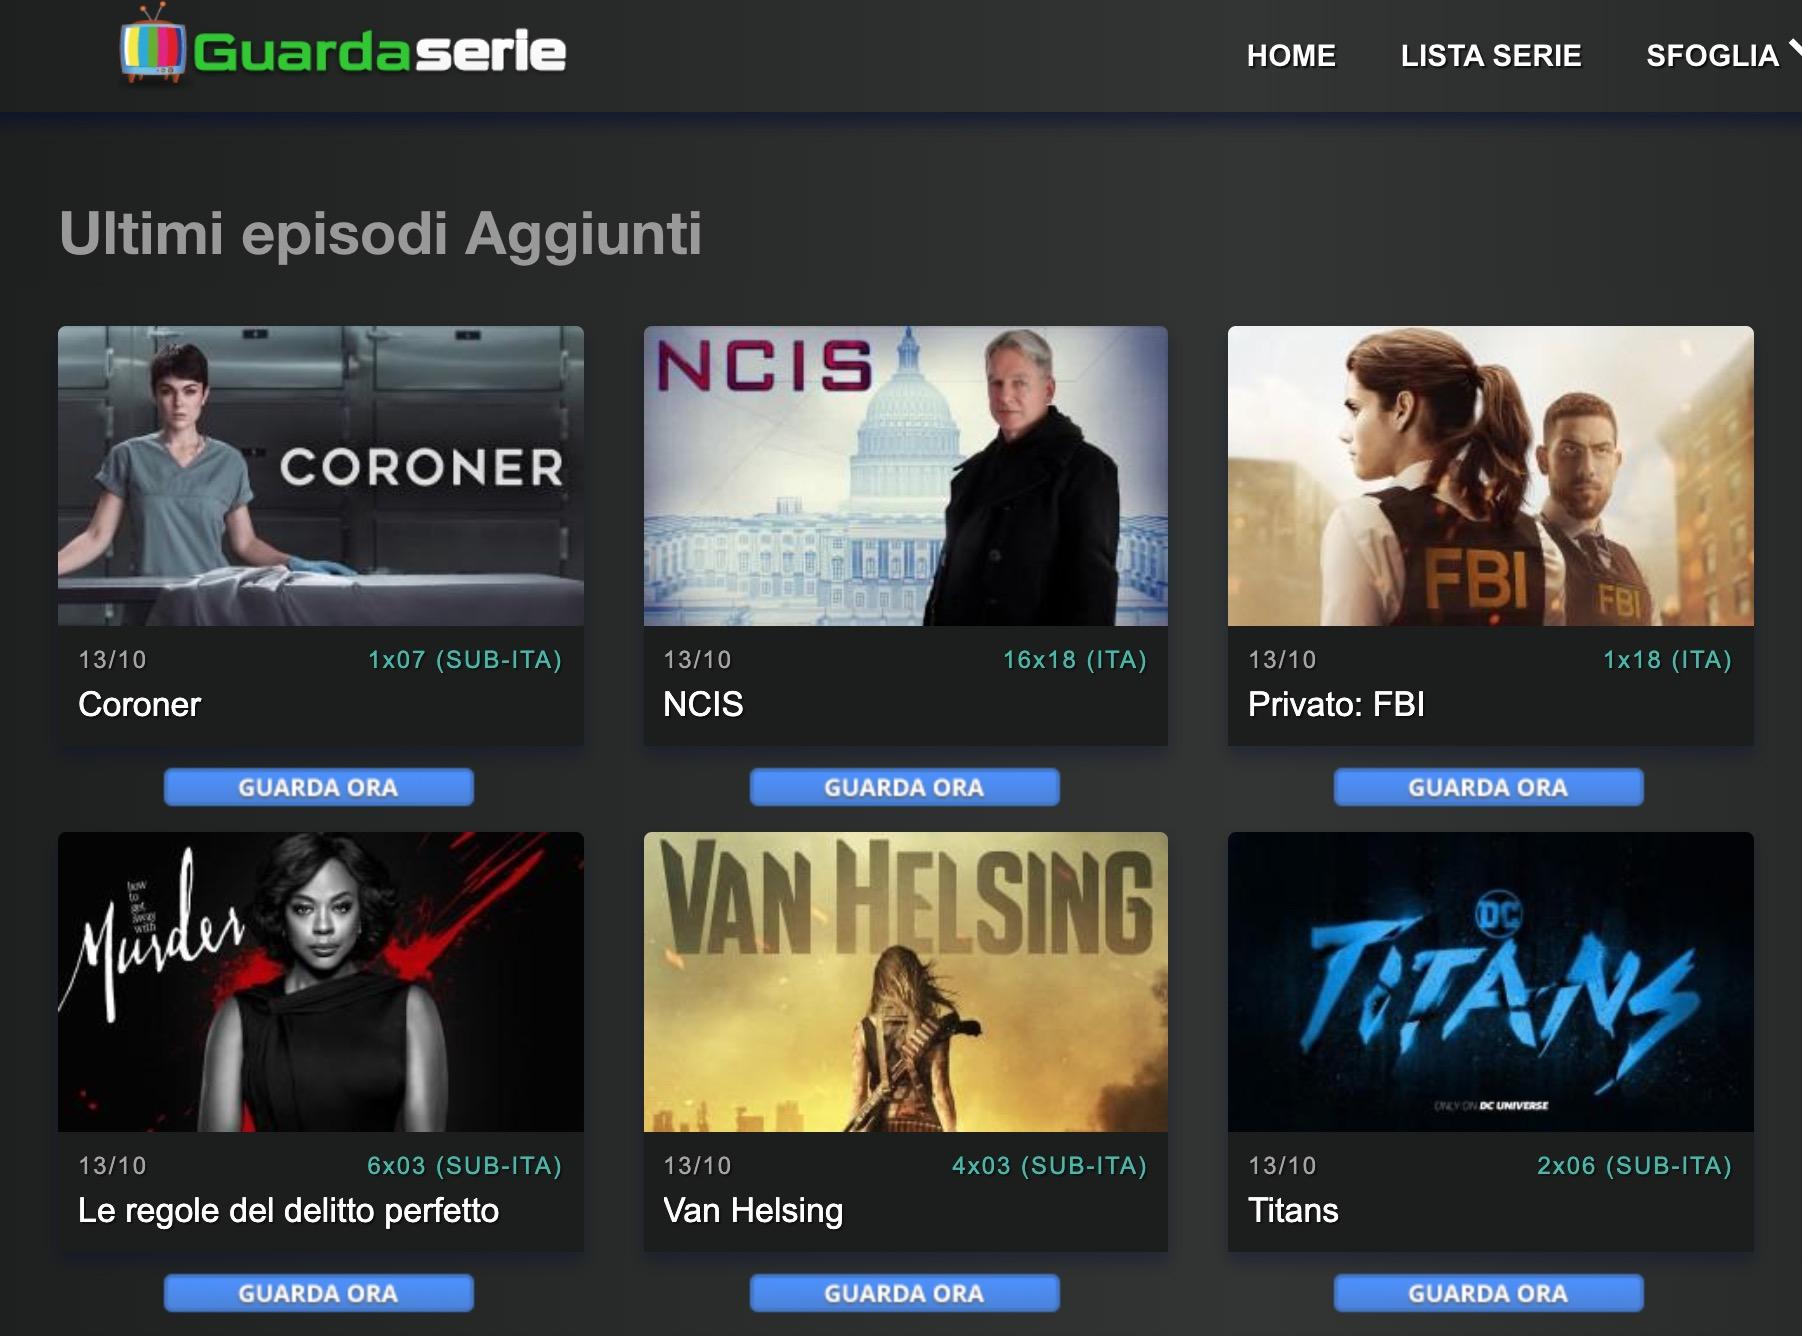 Come vedere serie tv su GuardaSerie senza registrarsi